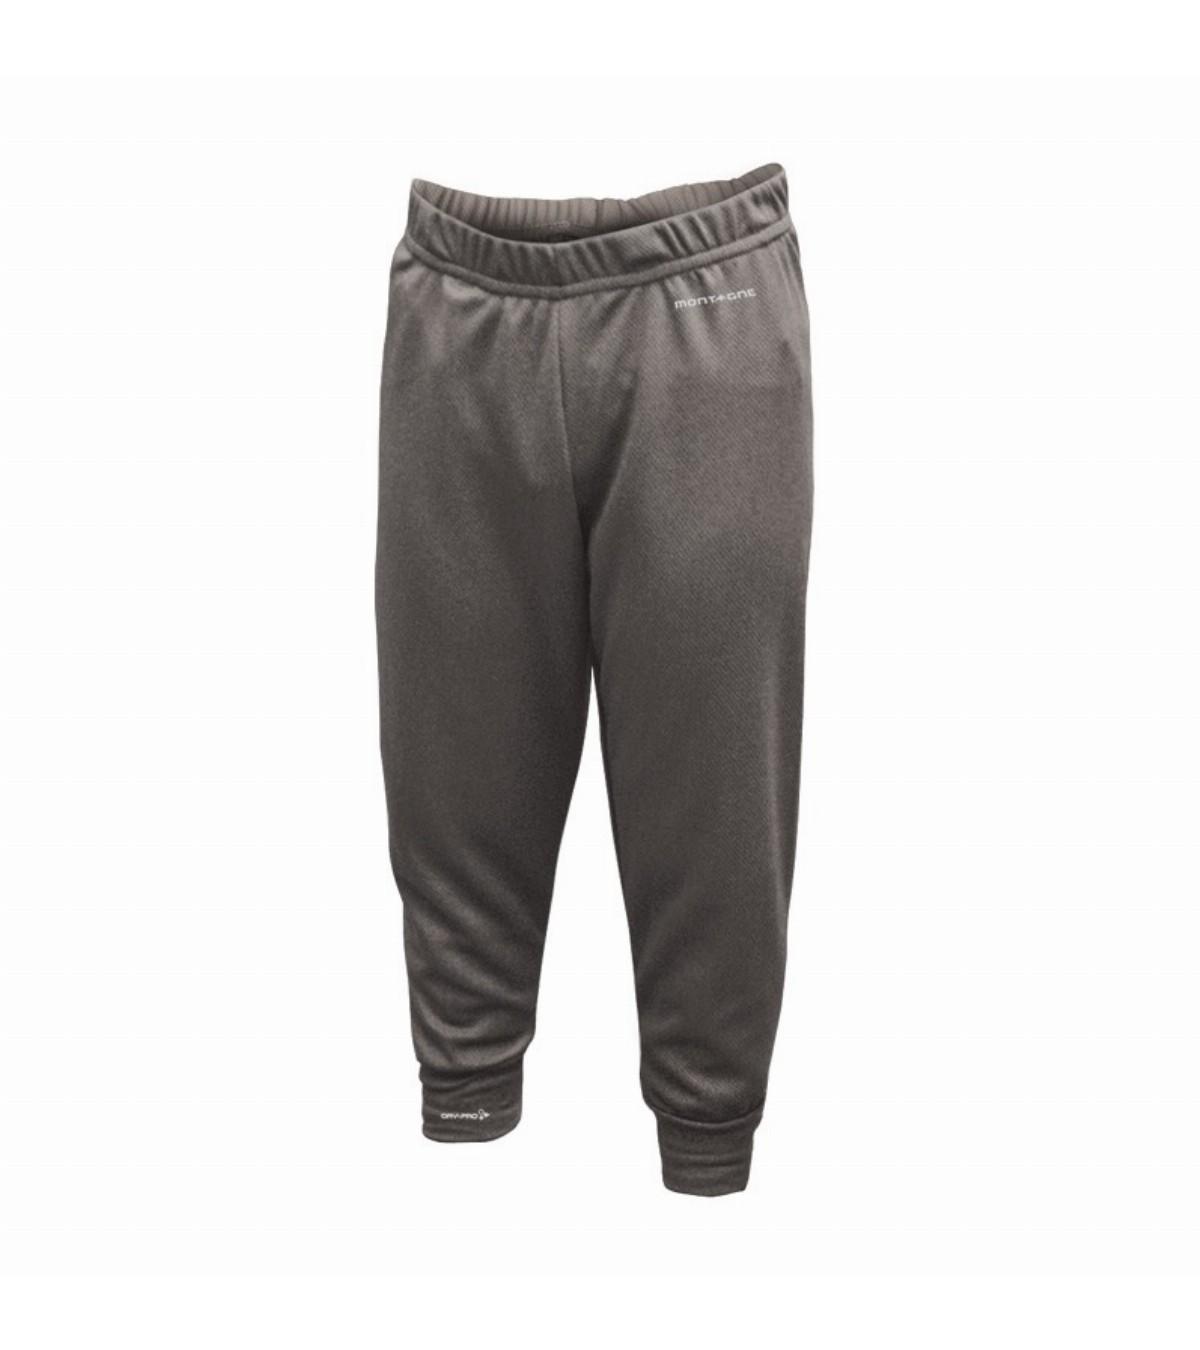 Pantalón térmico de niños Rudy - Pantalón térmico de niños Rudy ff241661379ec